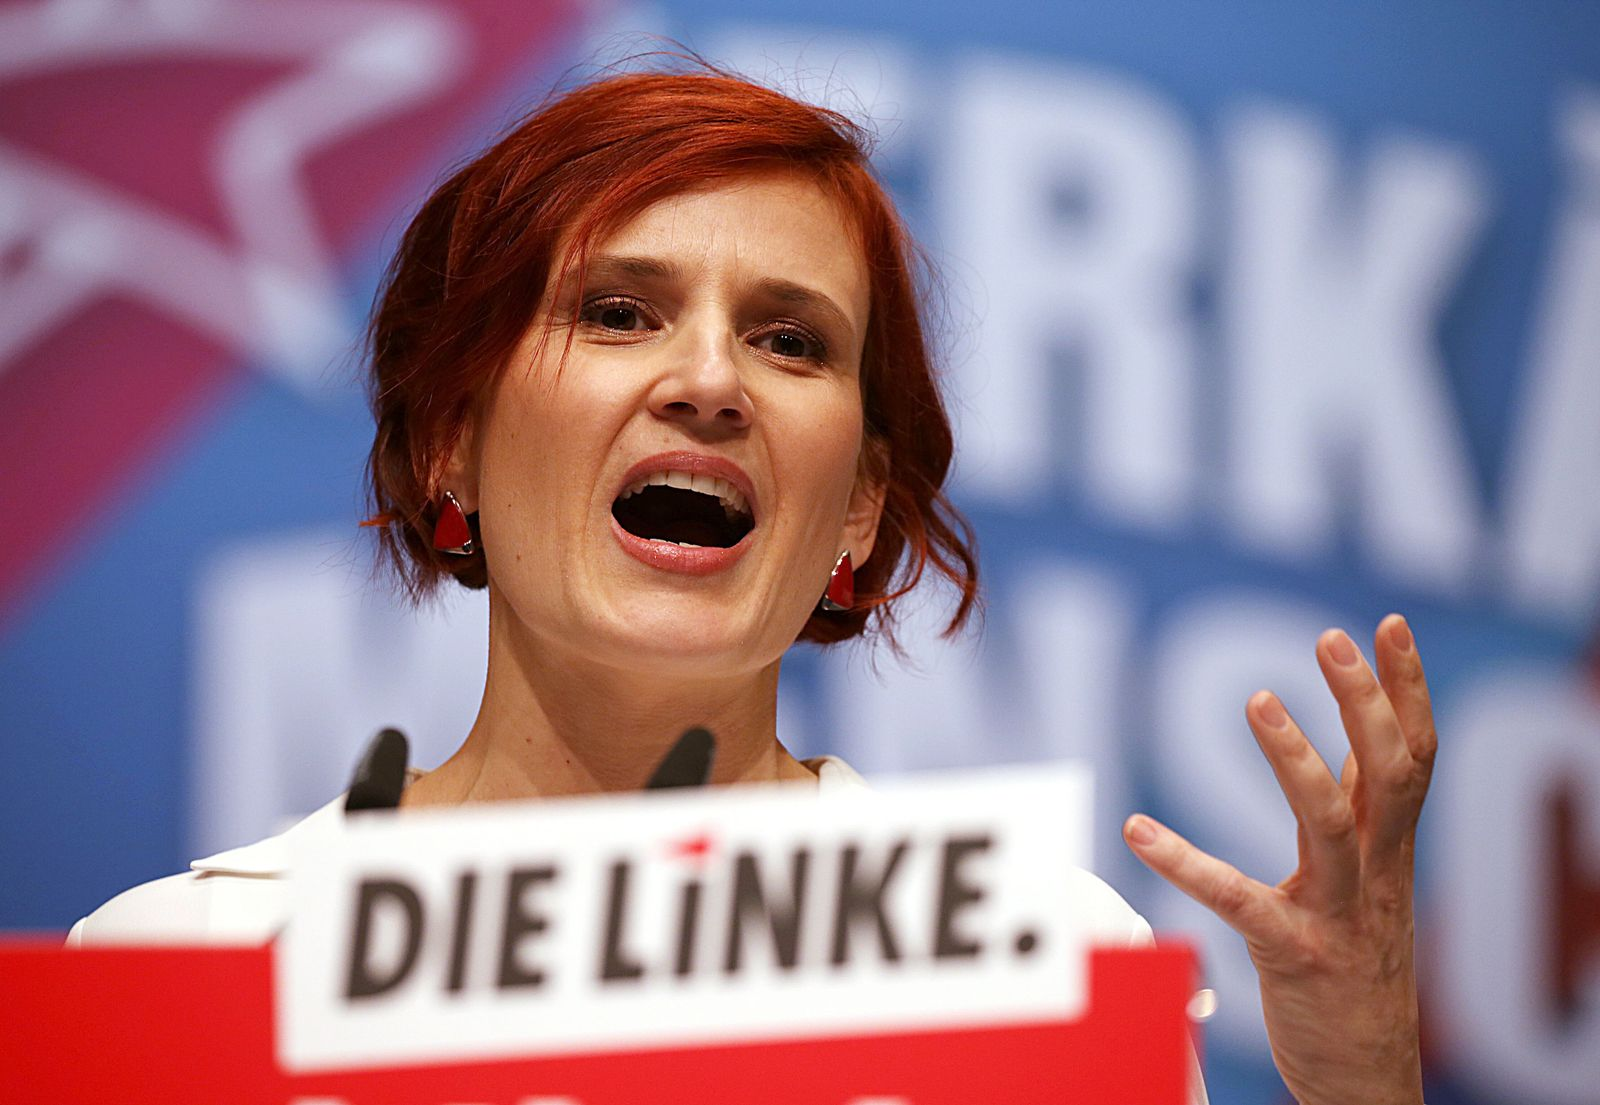 Parteitag Die Linke in Bonn / Katja Kipping